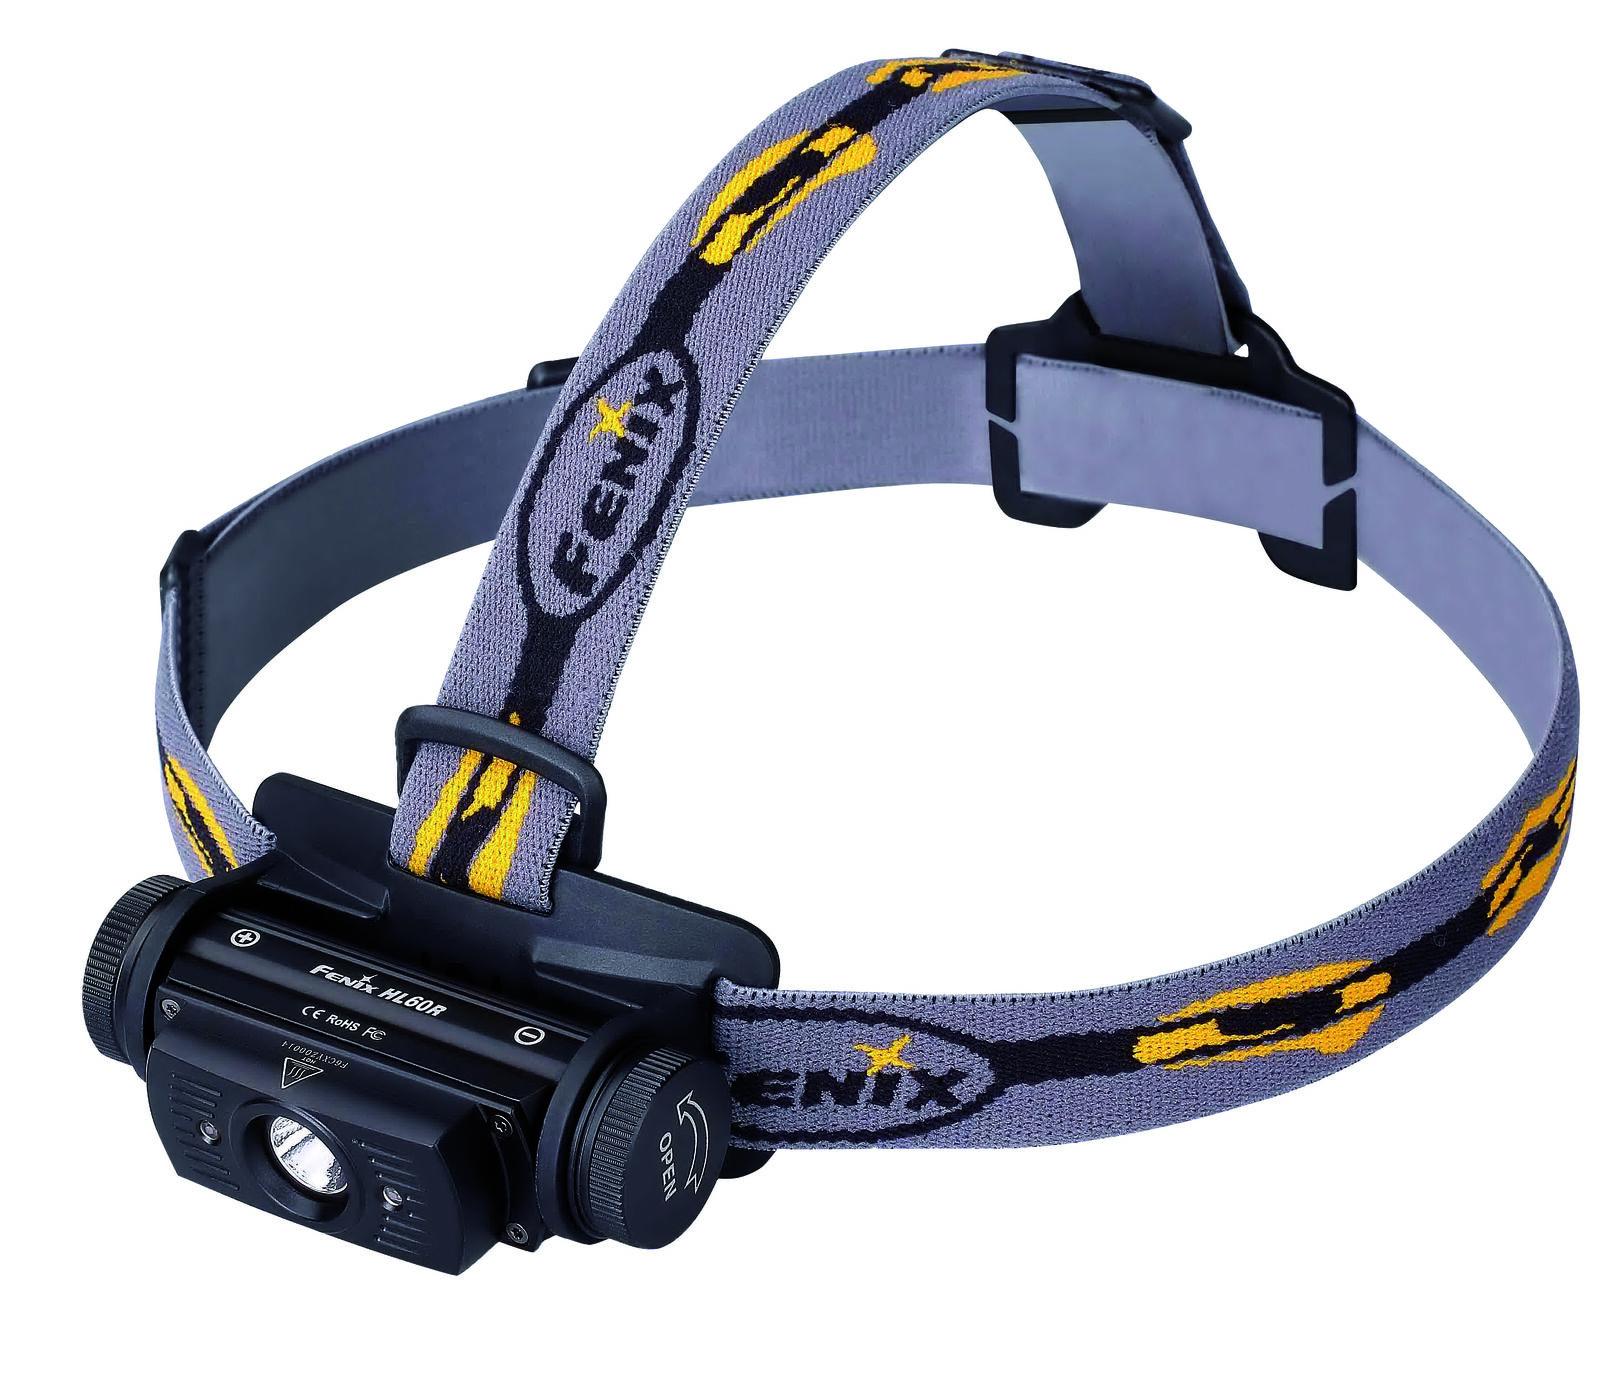 Stirnlampe FENIX HL60 HL60 HL60 R 950 Lumen  | Lebendige Form  356594